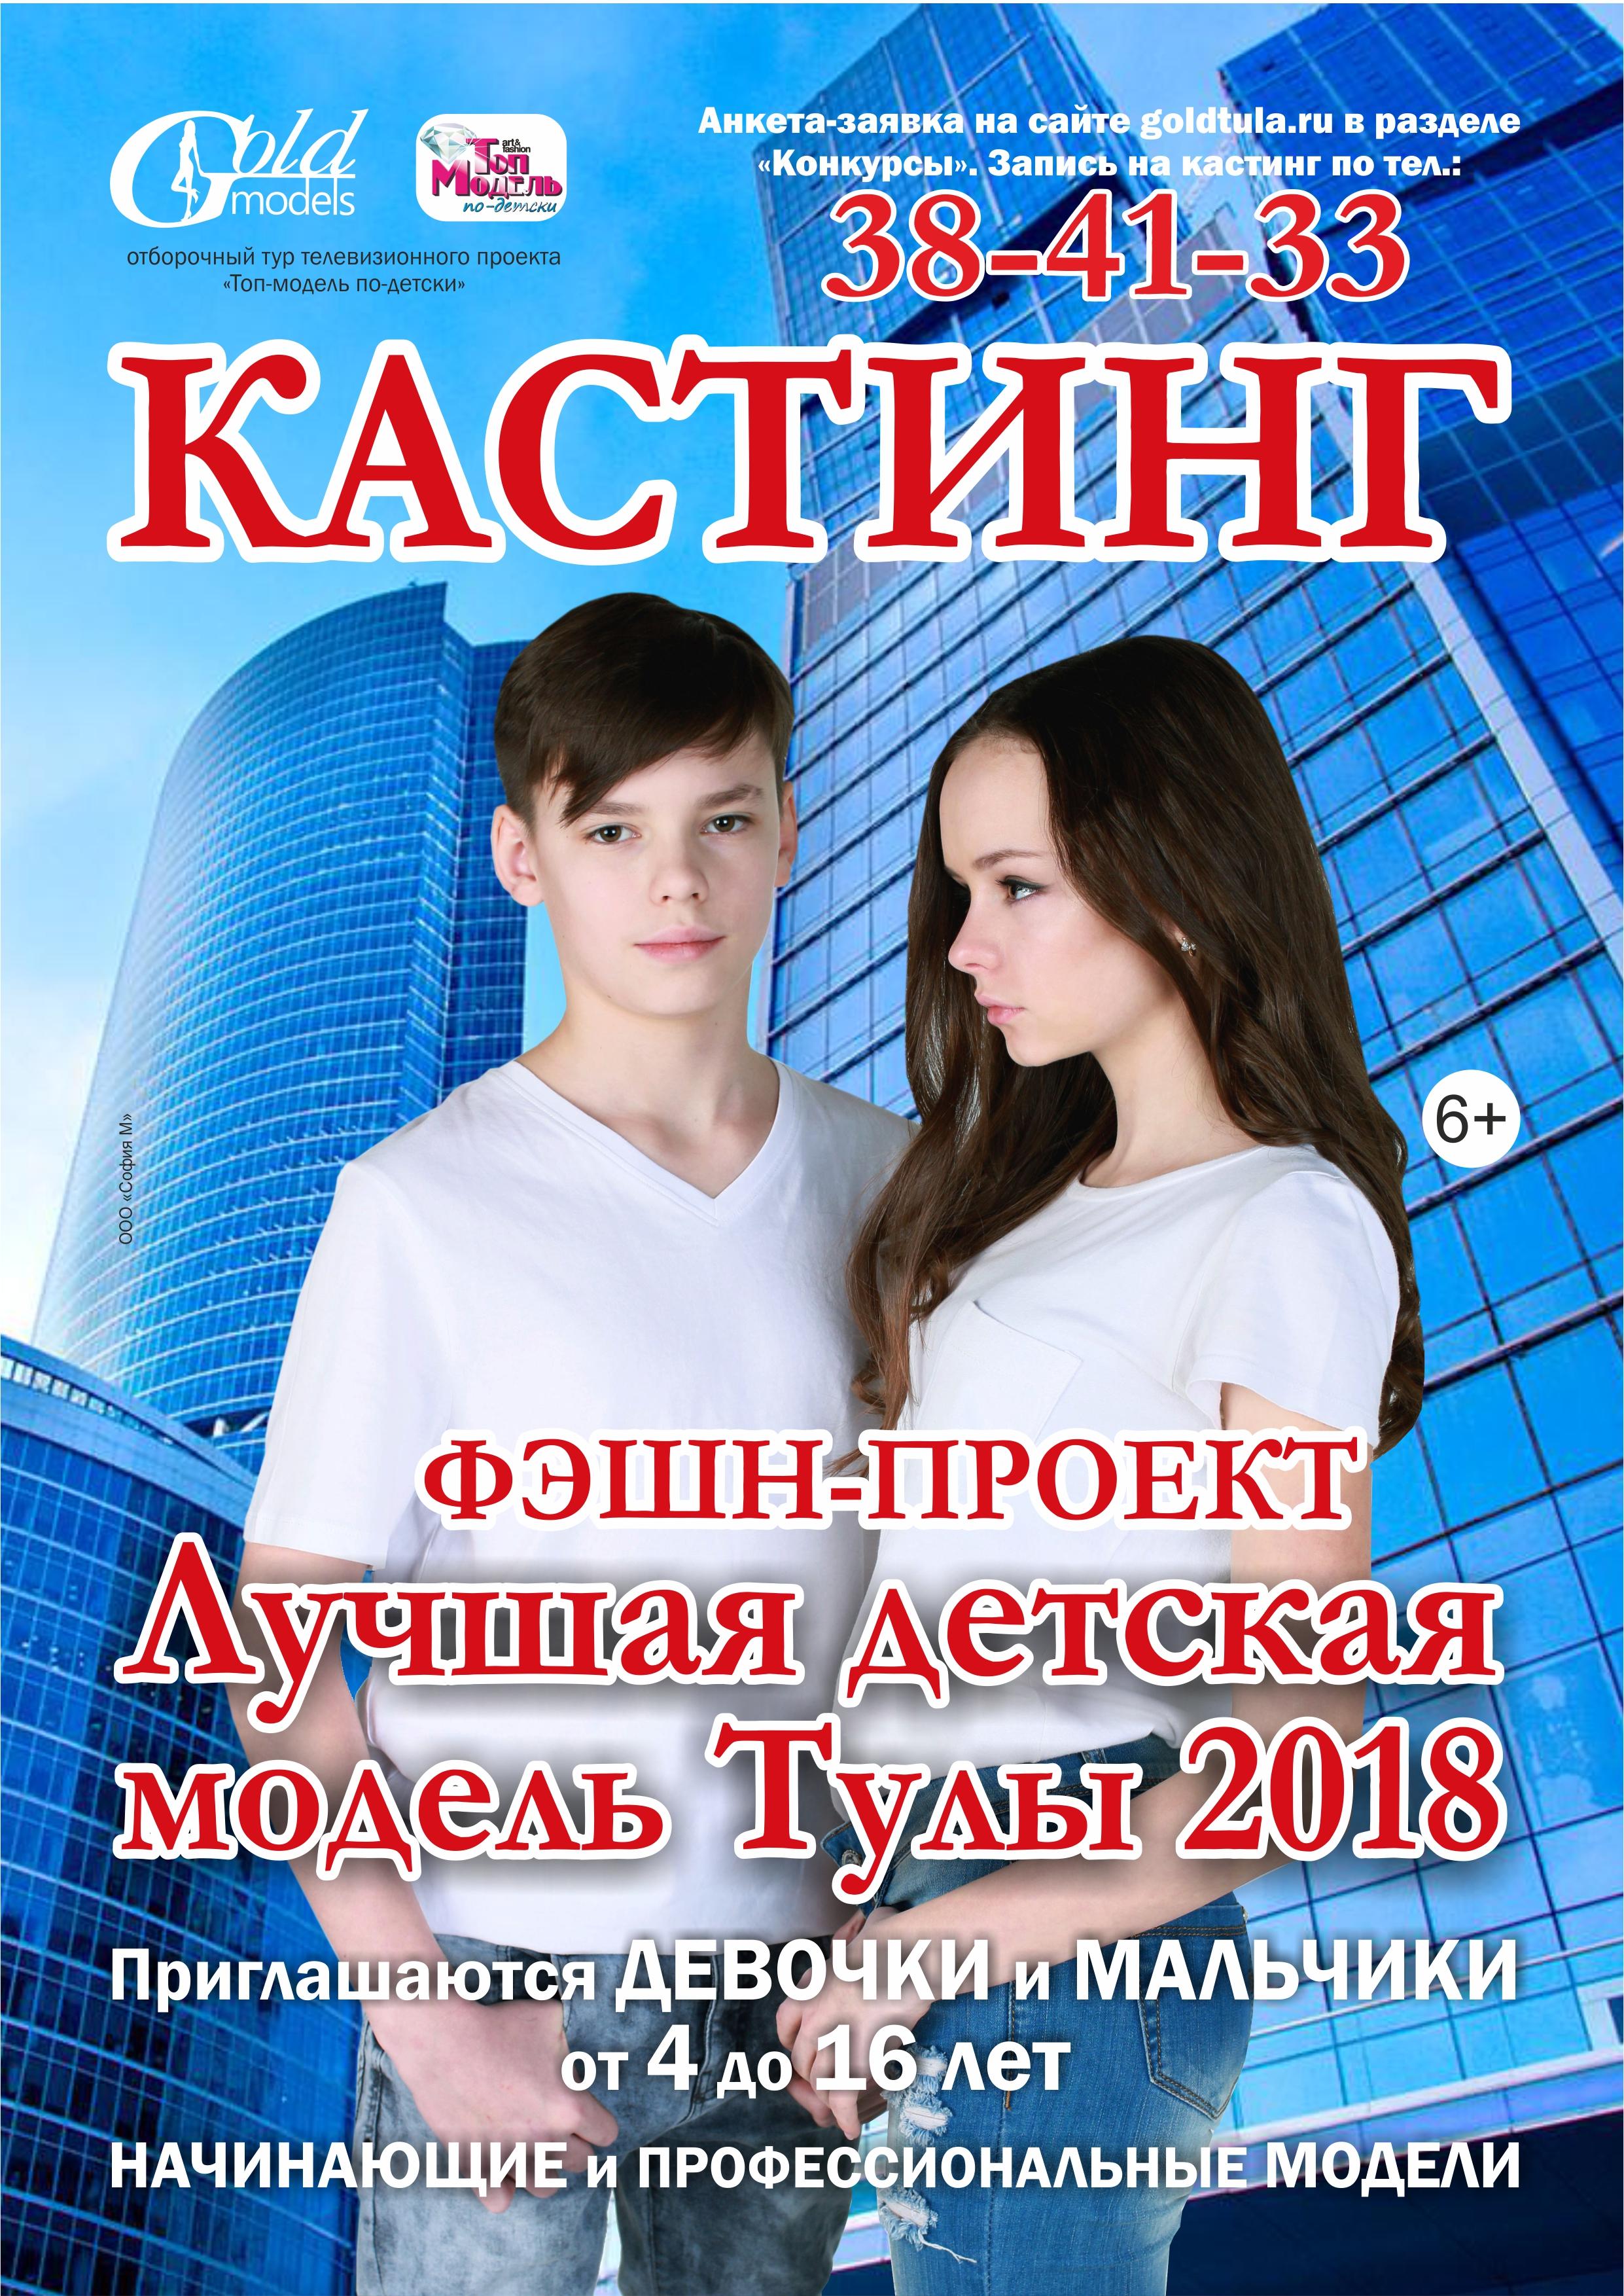 Кастинги моделей 2018 работа в такси для девушек в москве